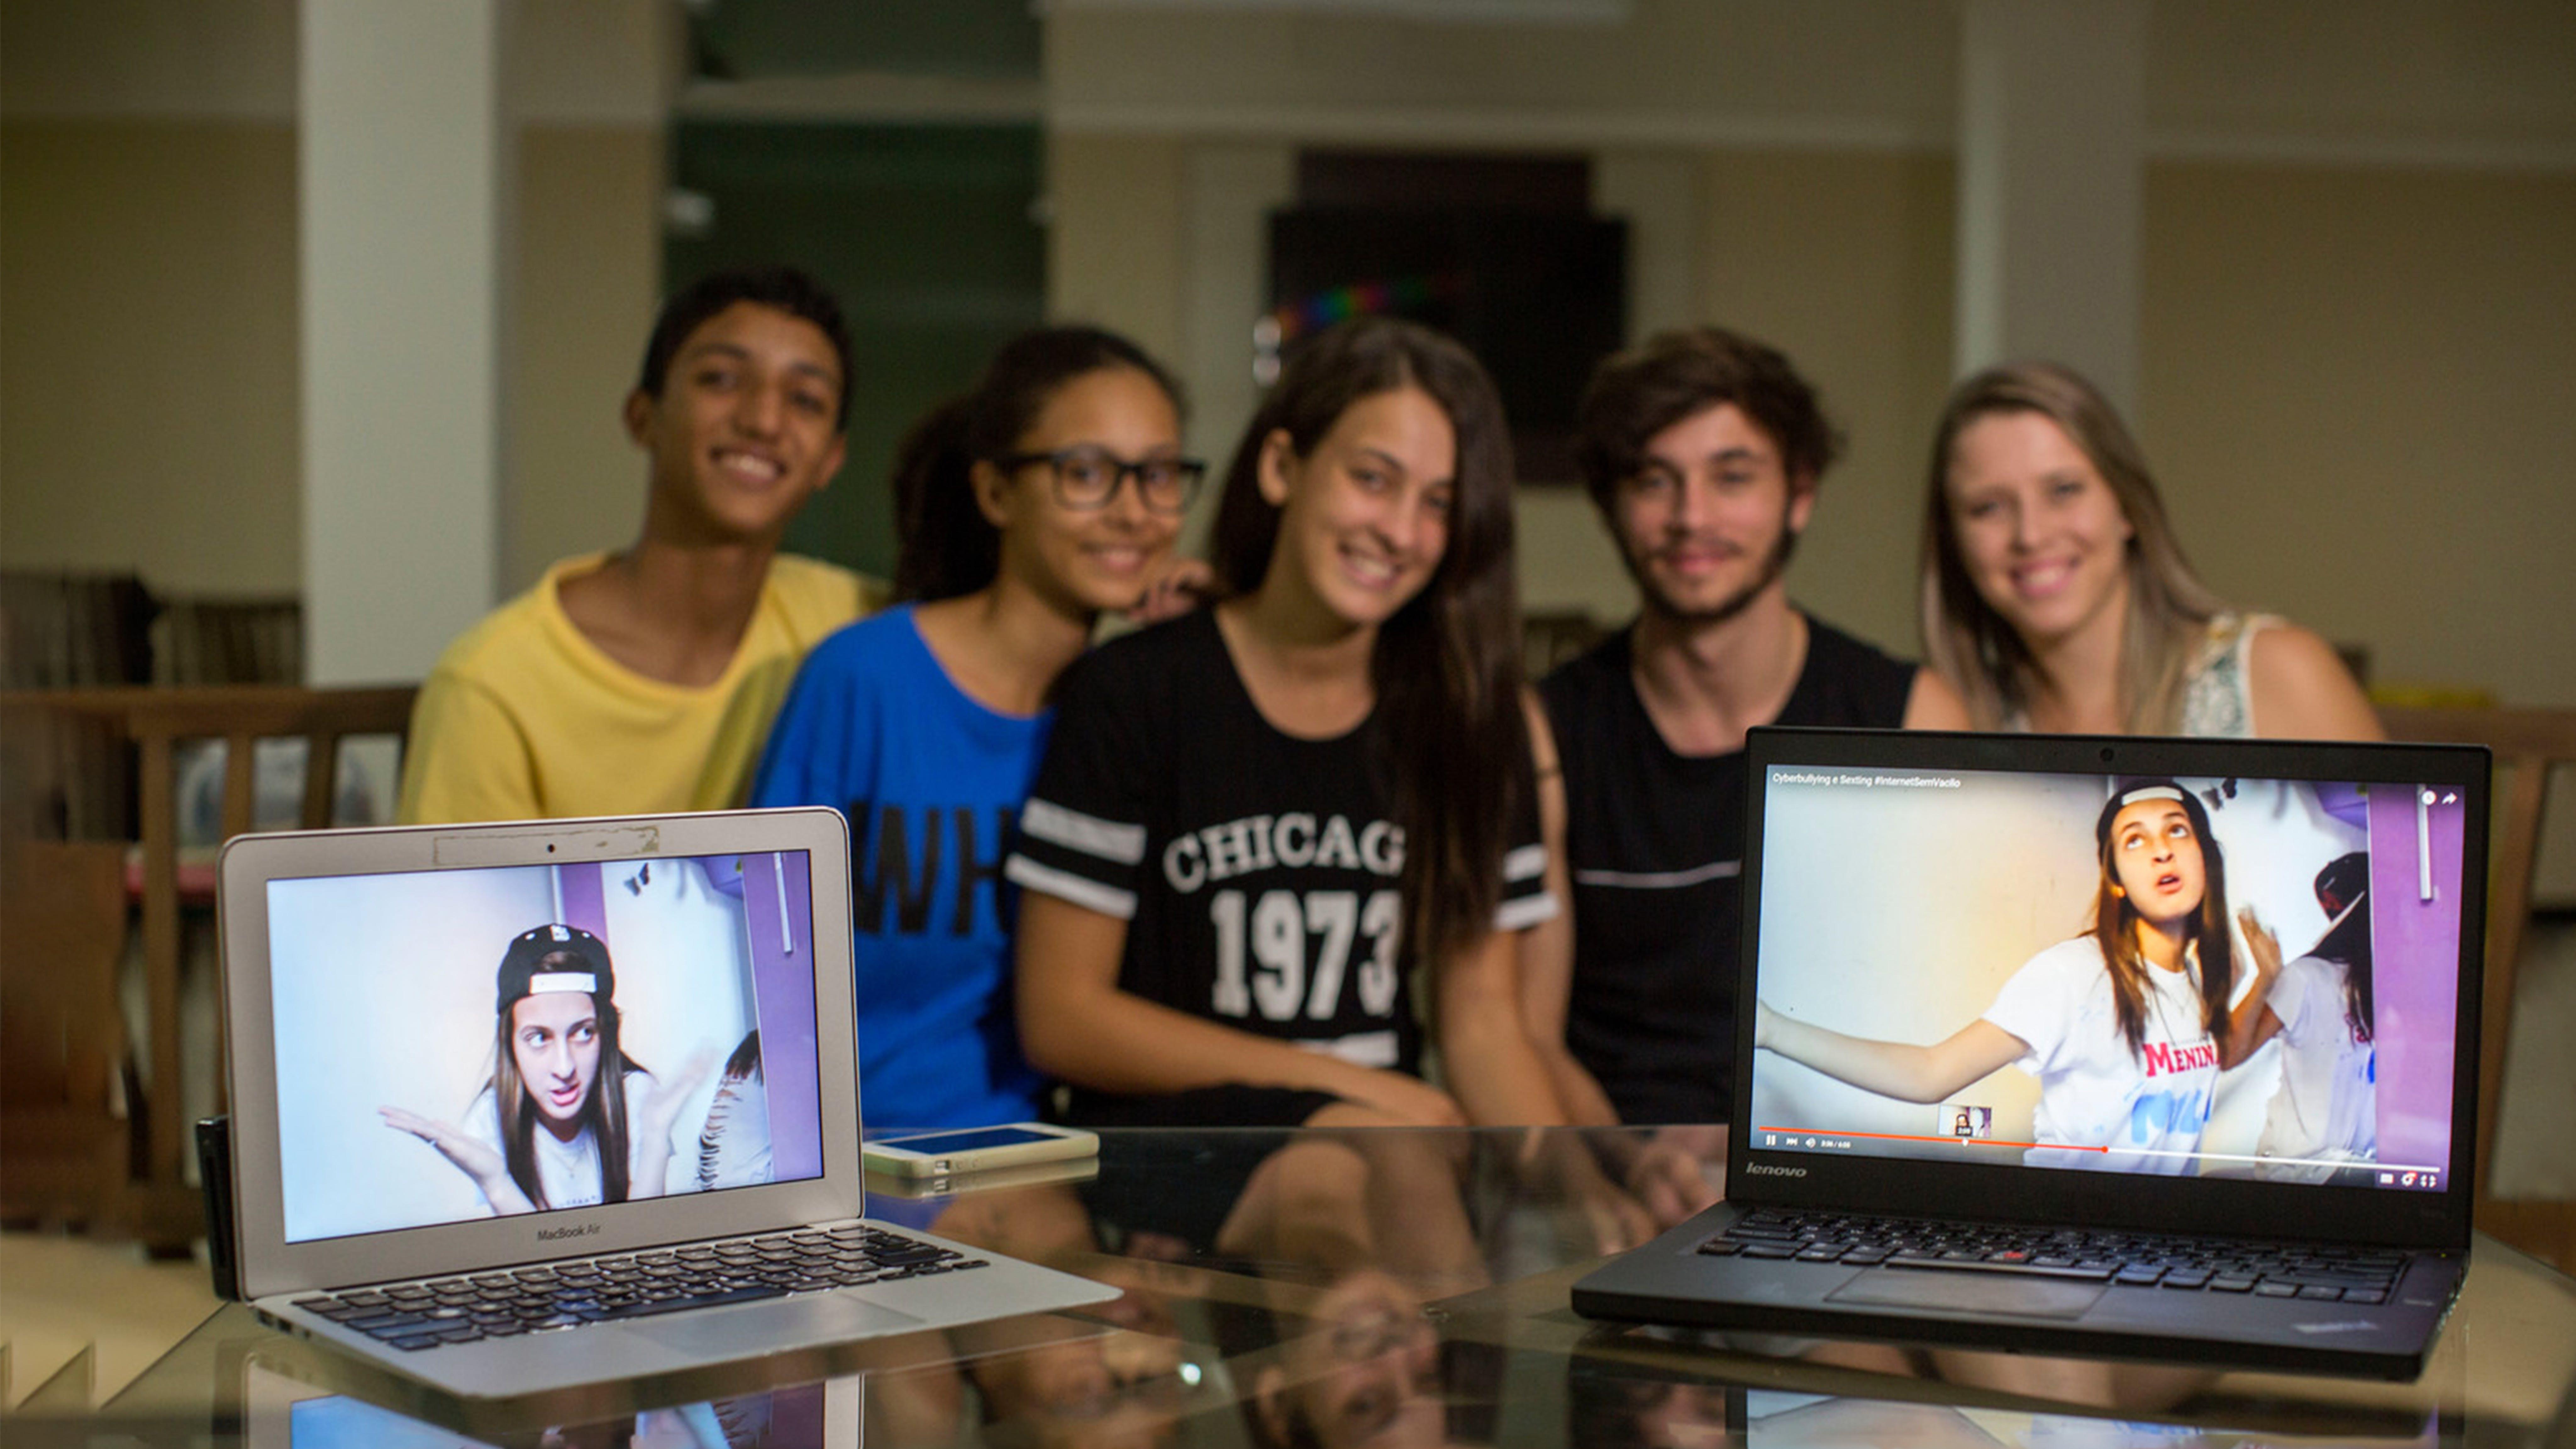 Brasile, un gruppo di adolescenti con due pc che mostrano il video su come difendersi dal cyberbullismo